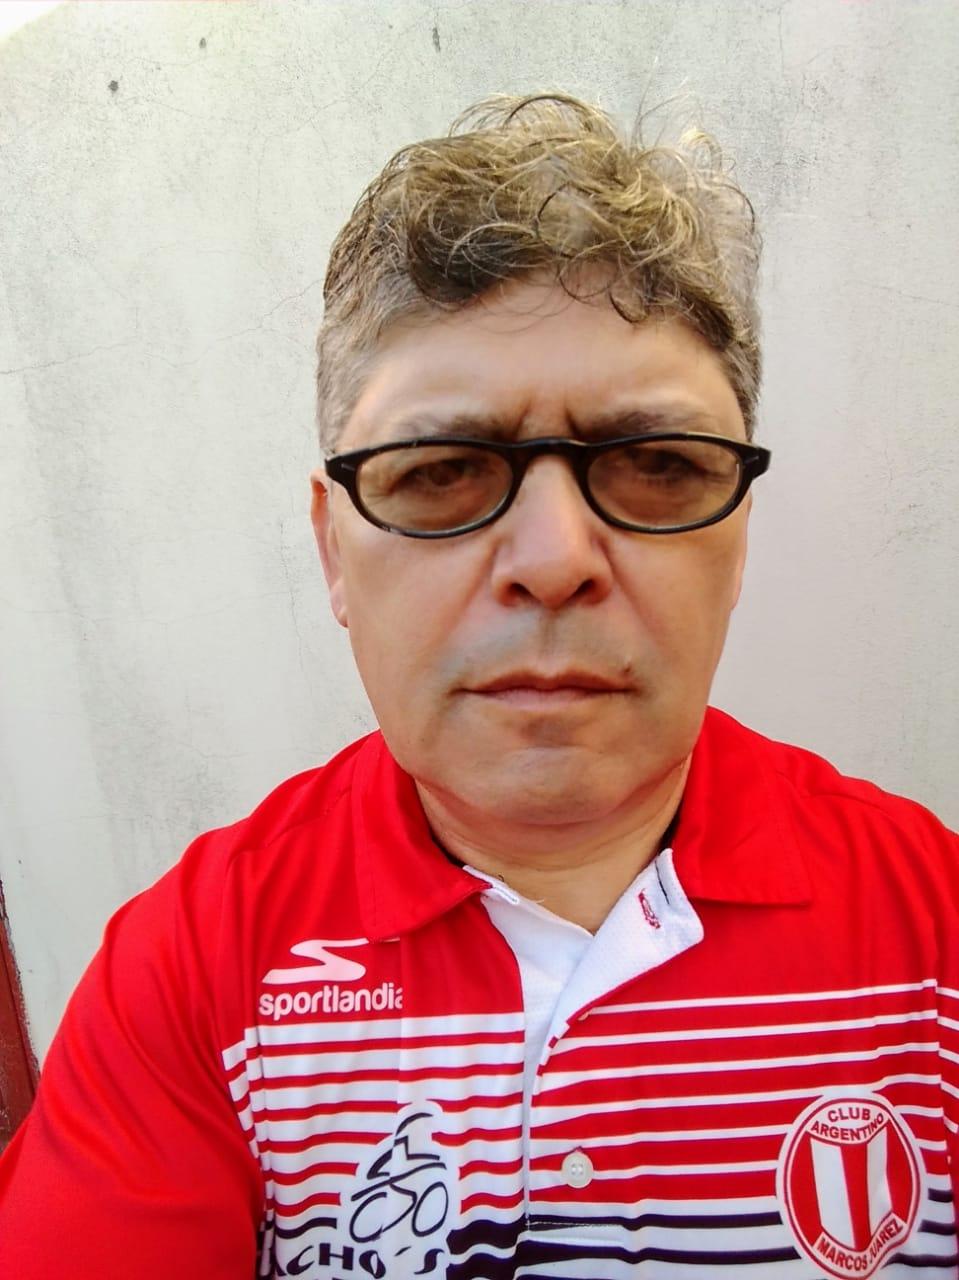 http://clubargentinomj.com.ar/wp-content/uploads/2020/06/Rolando-Hernandez.jpg